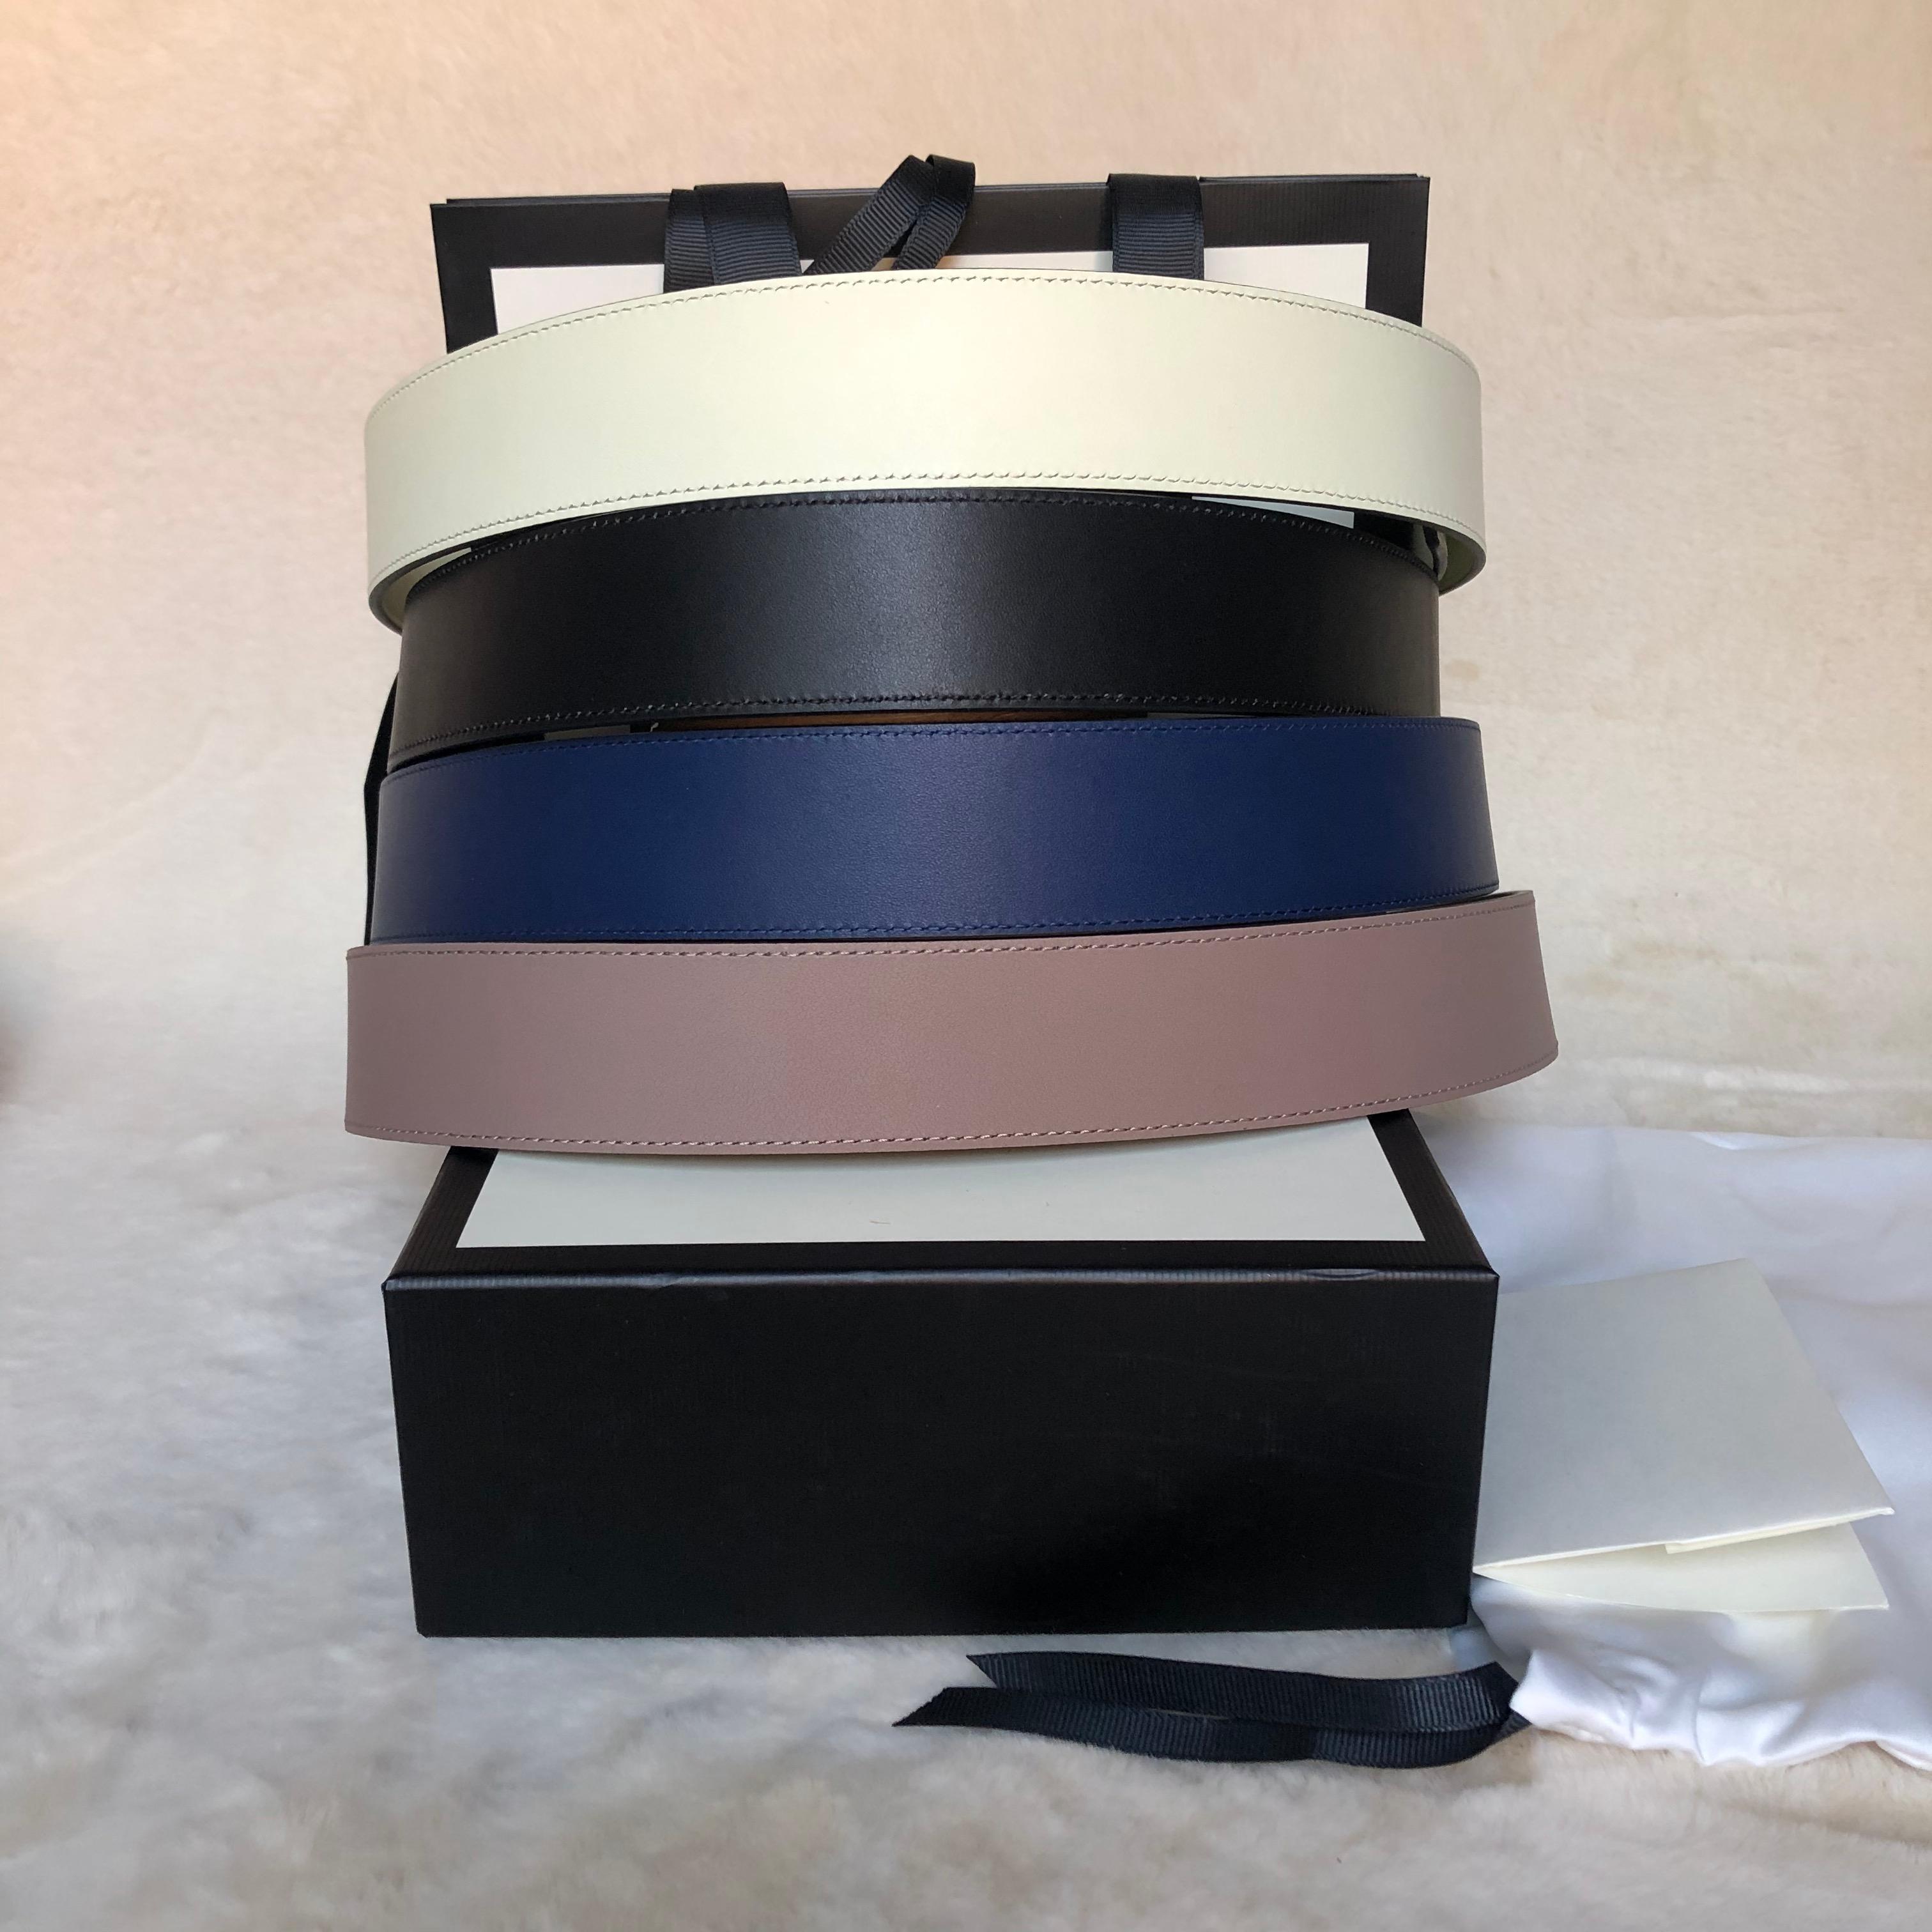 Cantos de diseñadores clásicos de la mejor calidad 2.0 3.0 4,0 cm Anchos de colores Cinturón de mujer de plata de cuero genuino con cinturón de mujer con caja de cintura 66